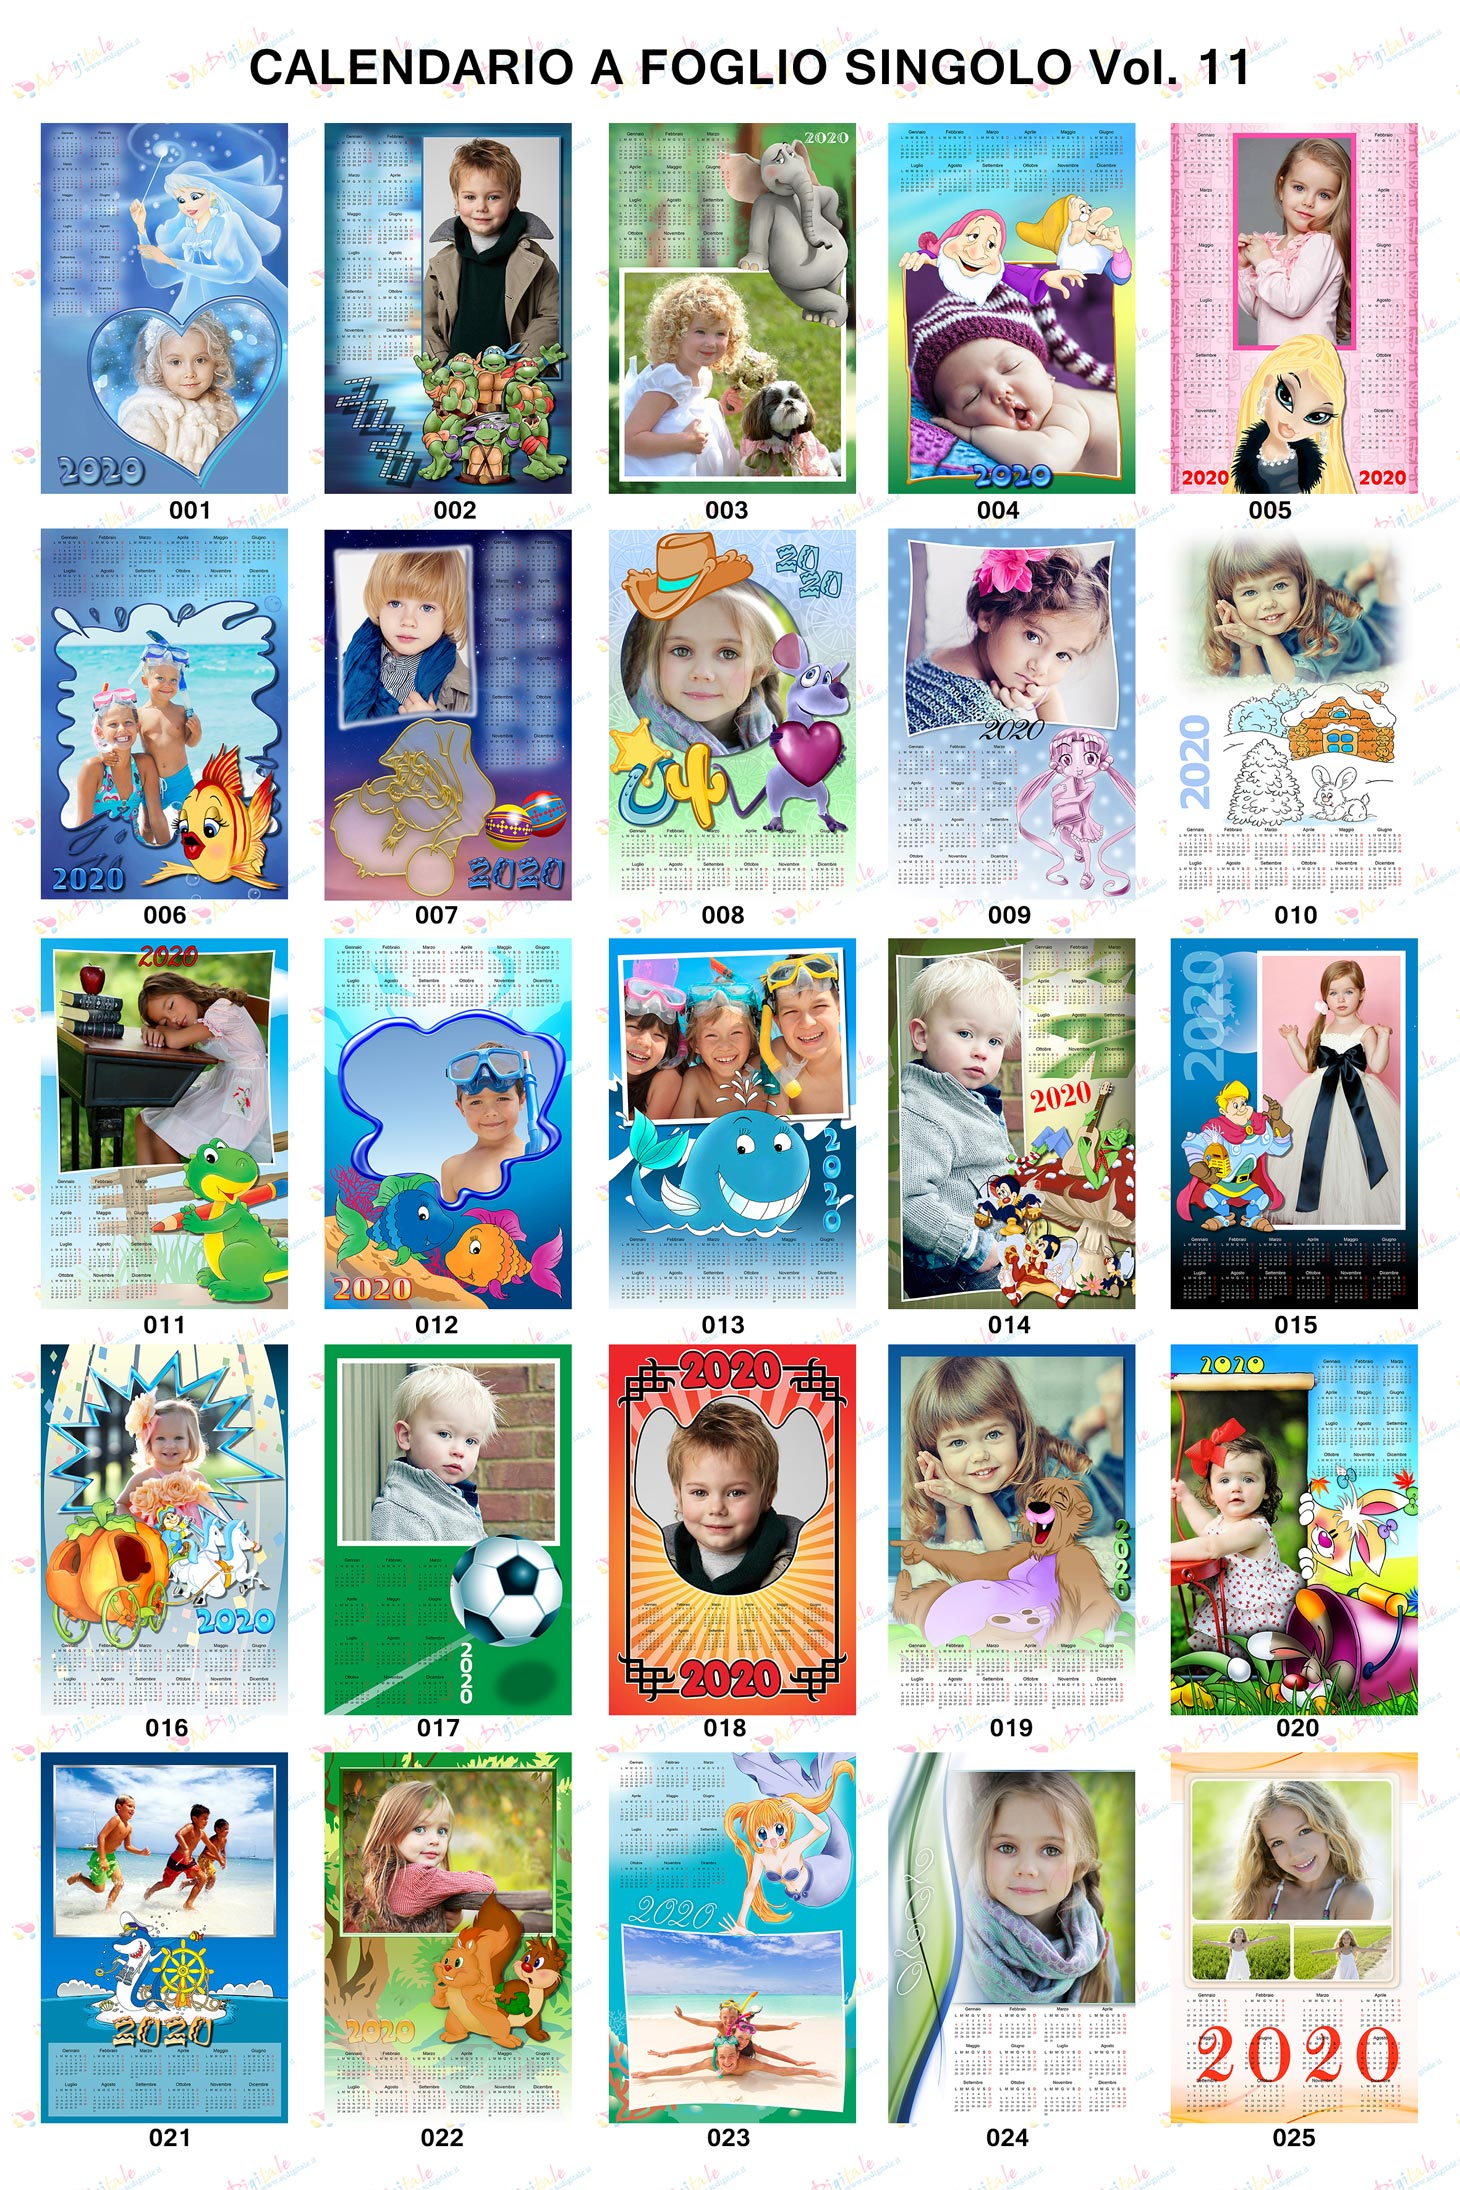 Anteprima calendari personalizzati 2020 Volume 11